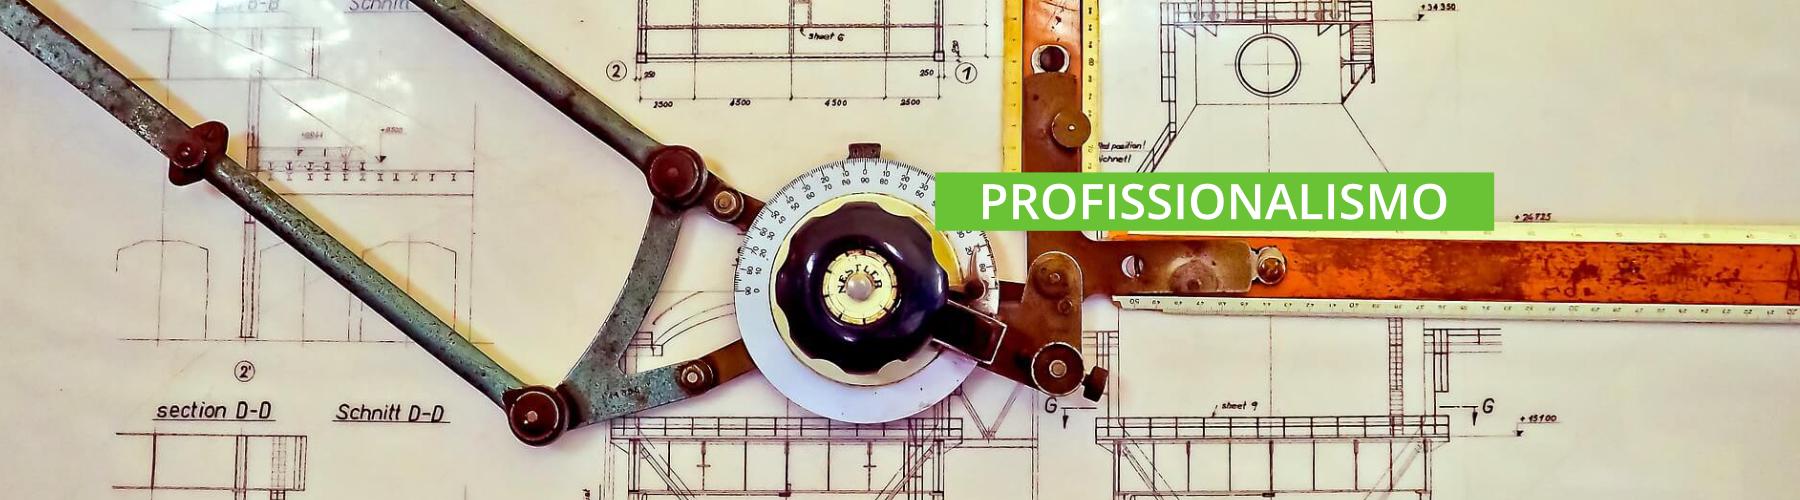 rome-construtora-civil-profissionalismo